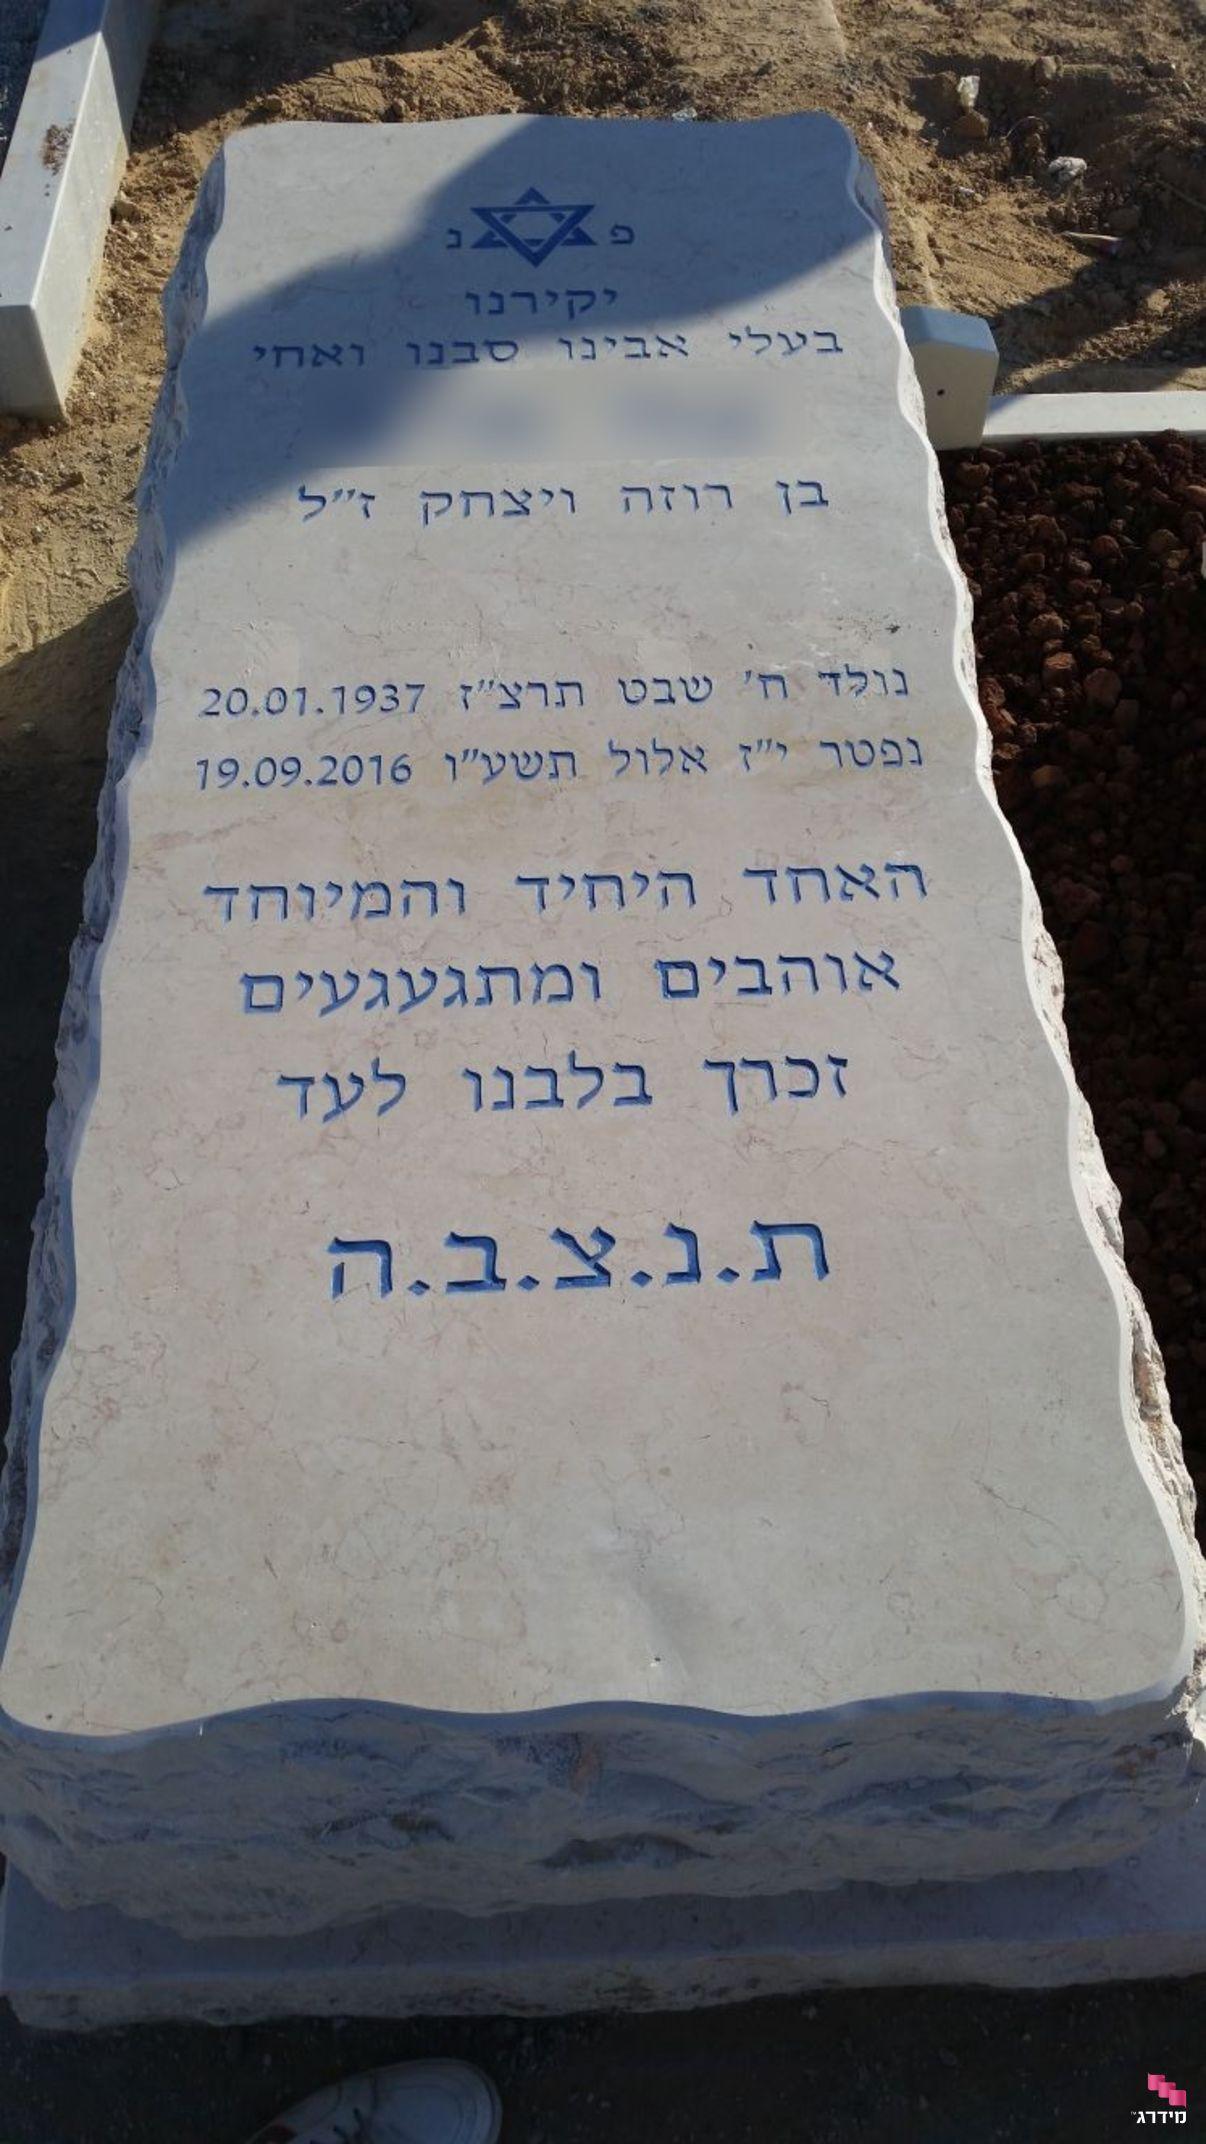 תמונה של מצבה מאבן חברון